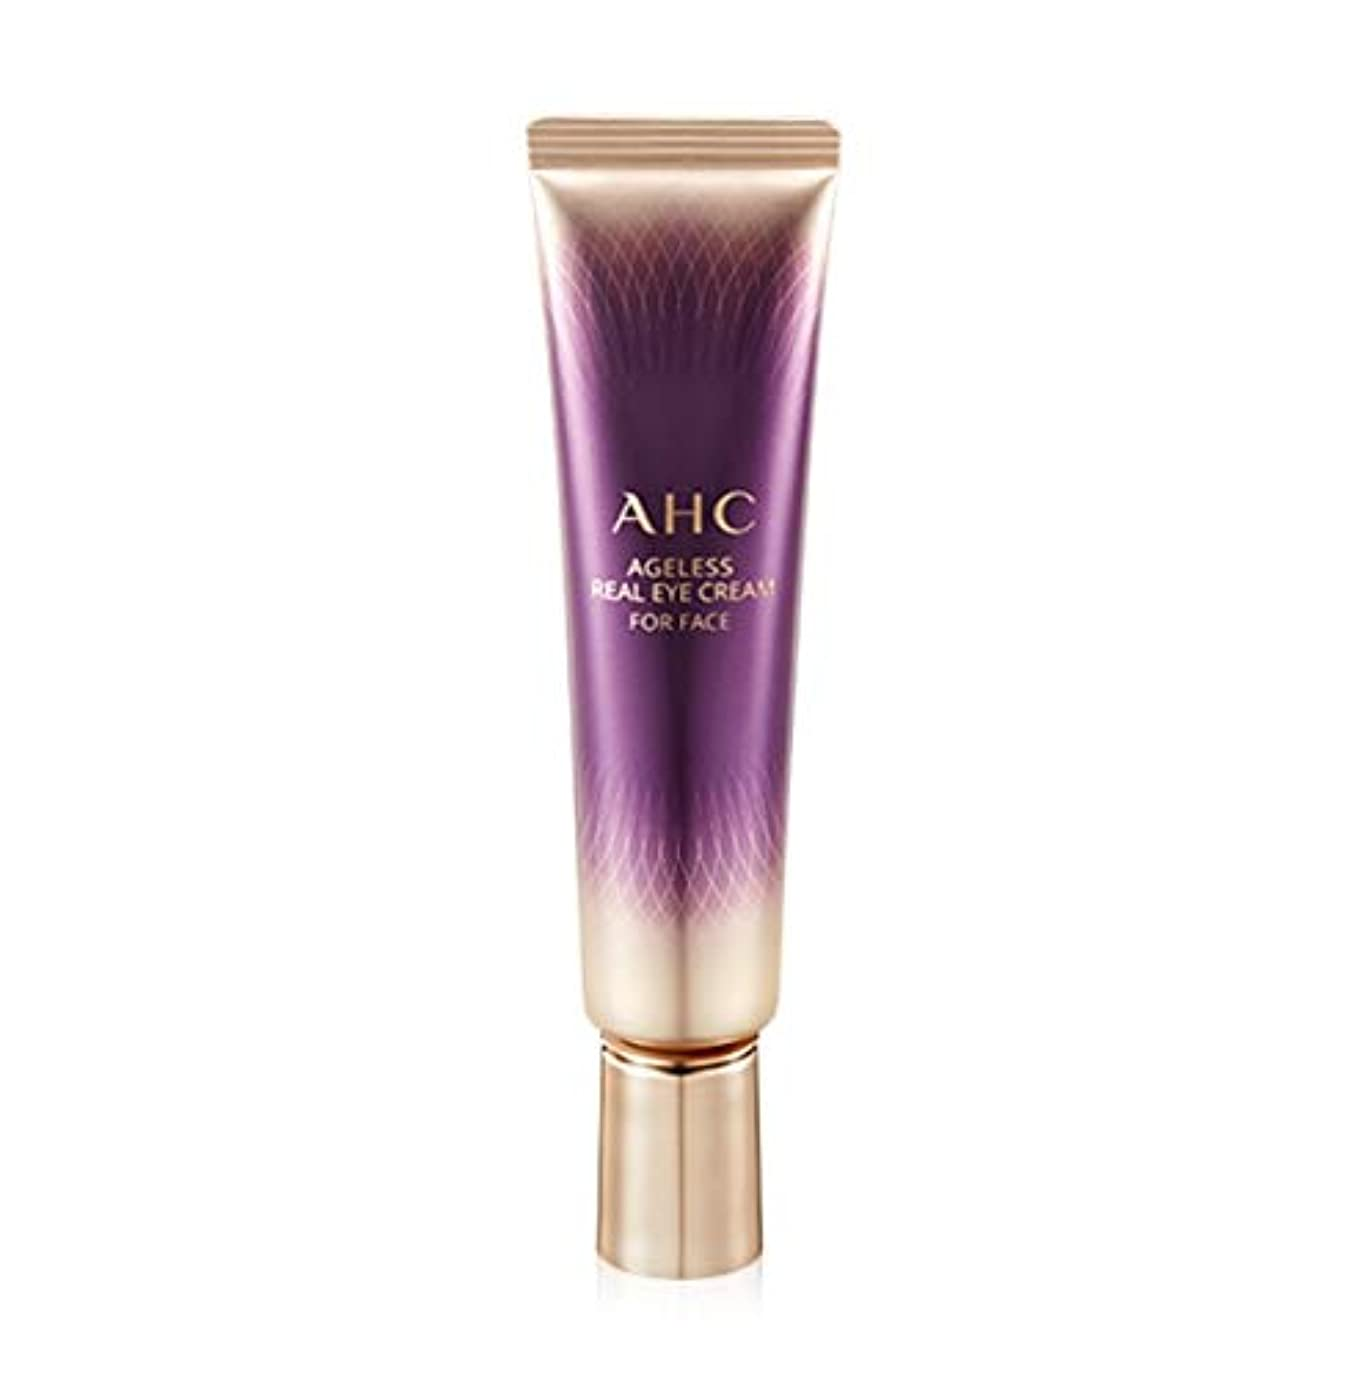 天文学複合チューブ[New] AHC Ageless Real Eye Cream For Face Season 7 30ml / AHC エイジレス リアル アイクリーム フォーフェイス 30ml [並行輸入品]